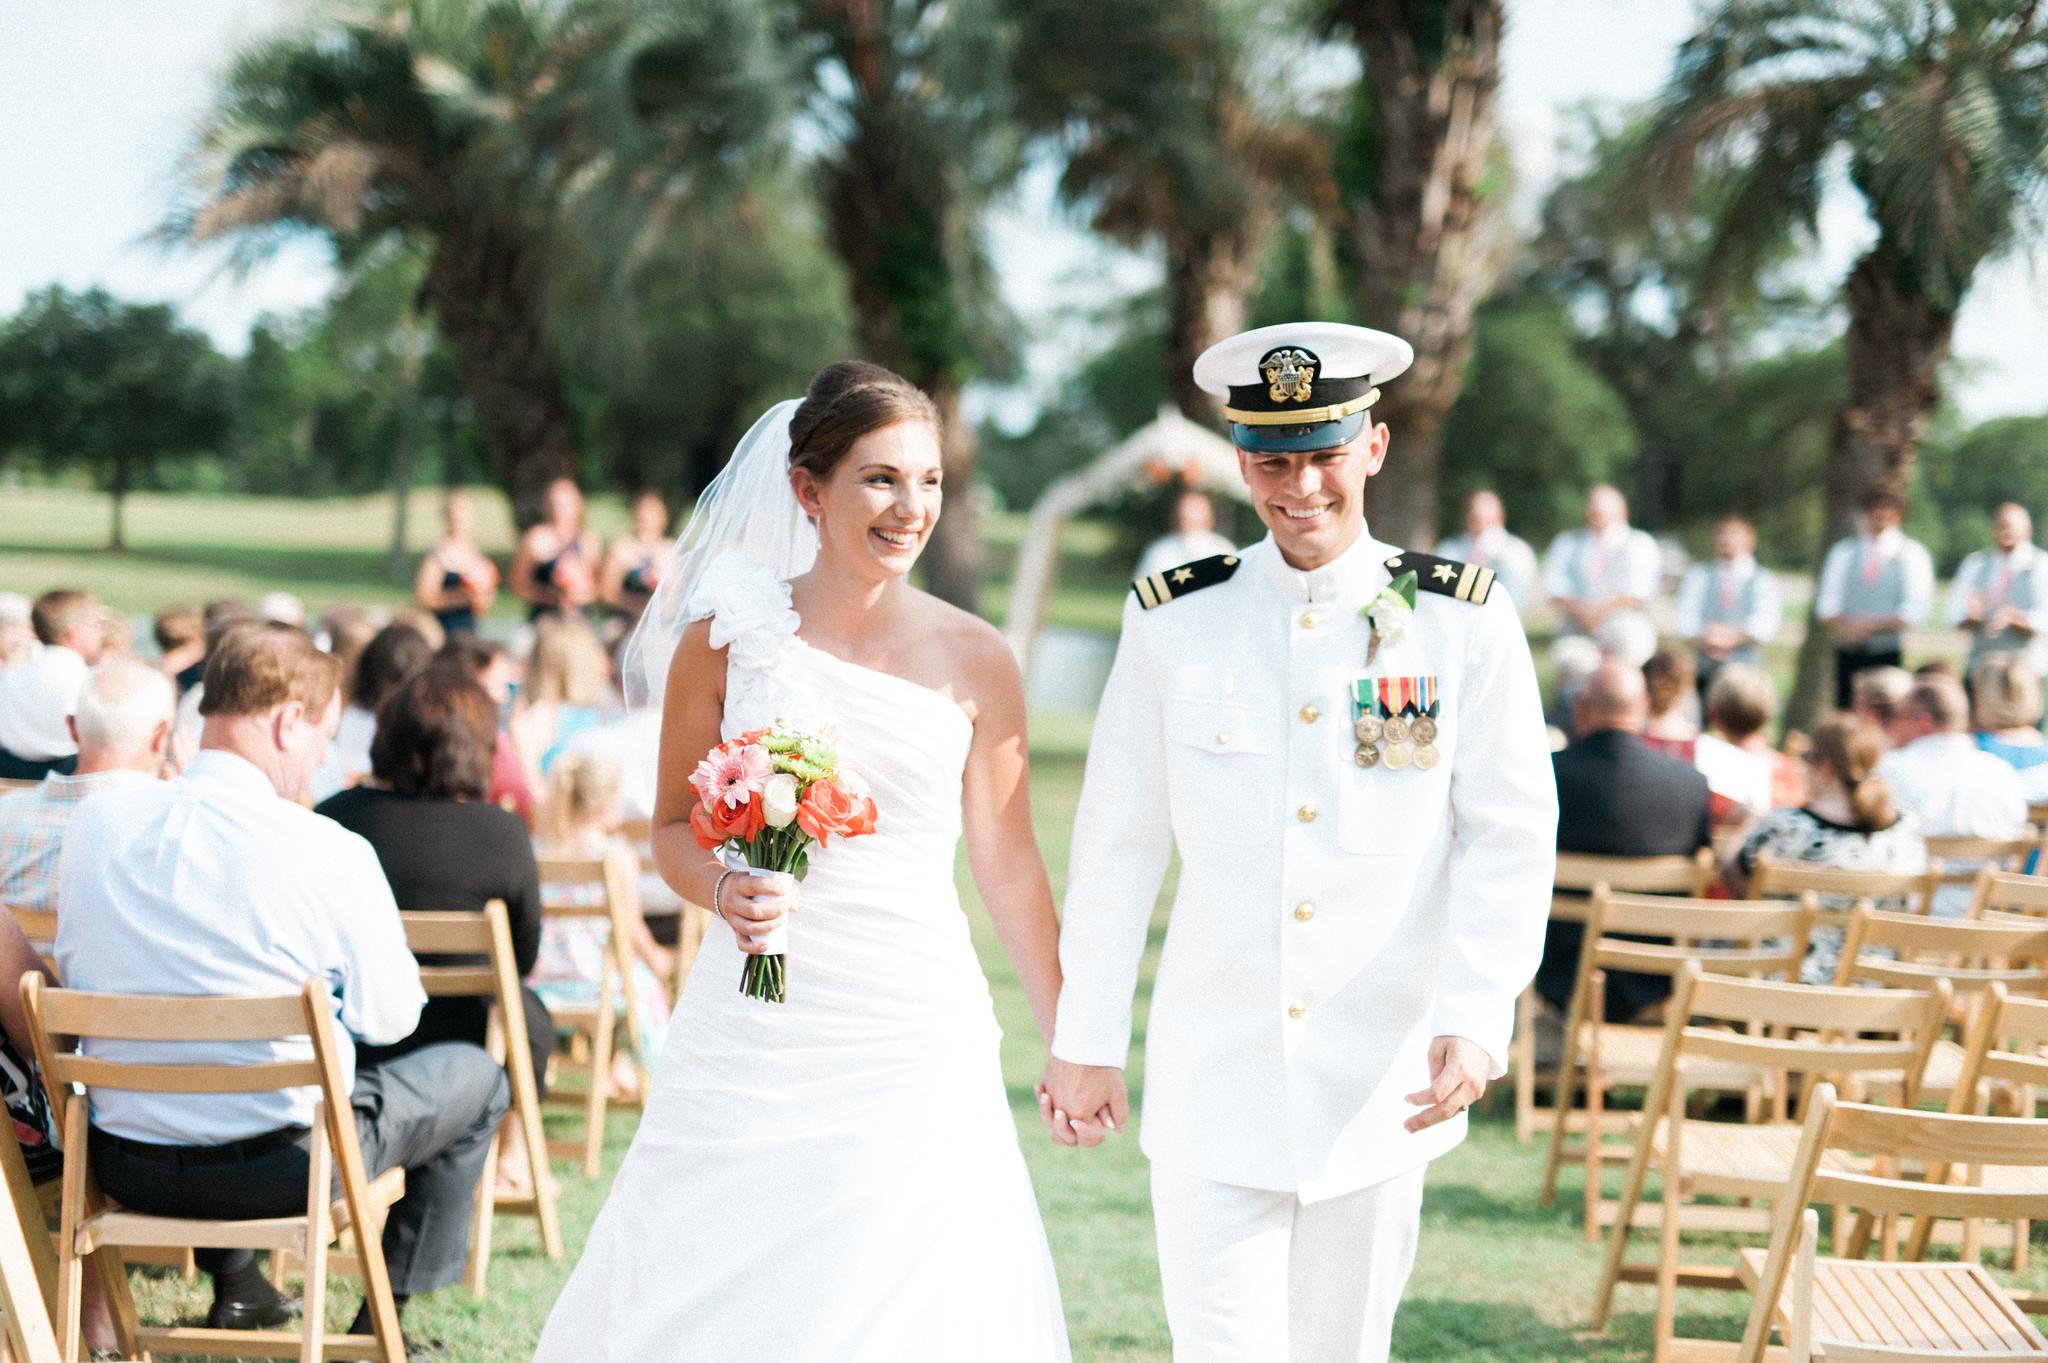 arthur-wedding-220-X4.jpg